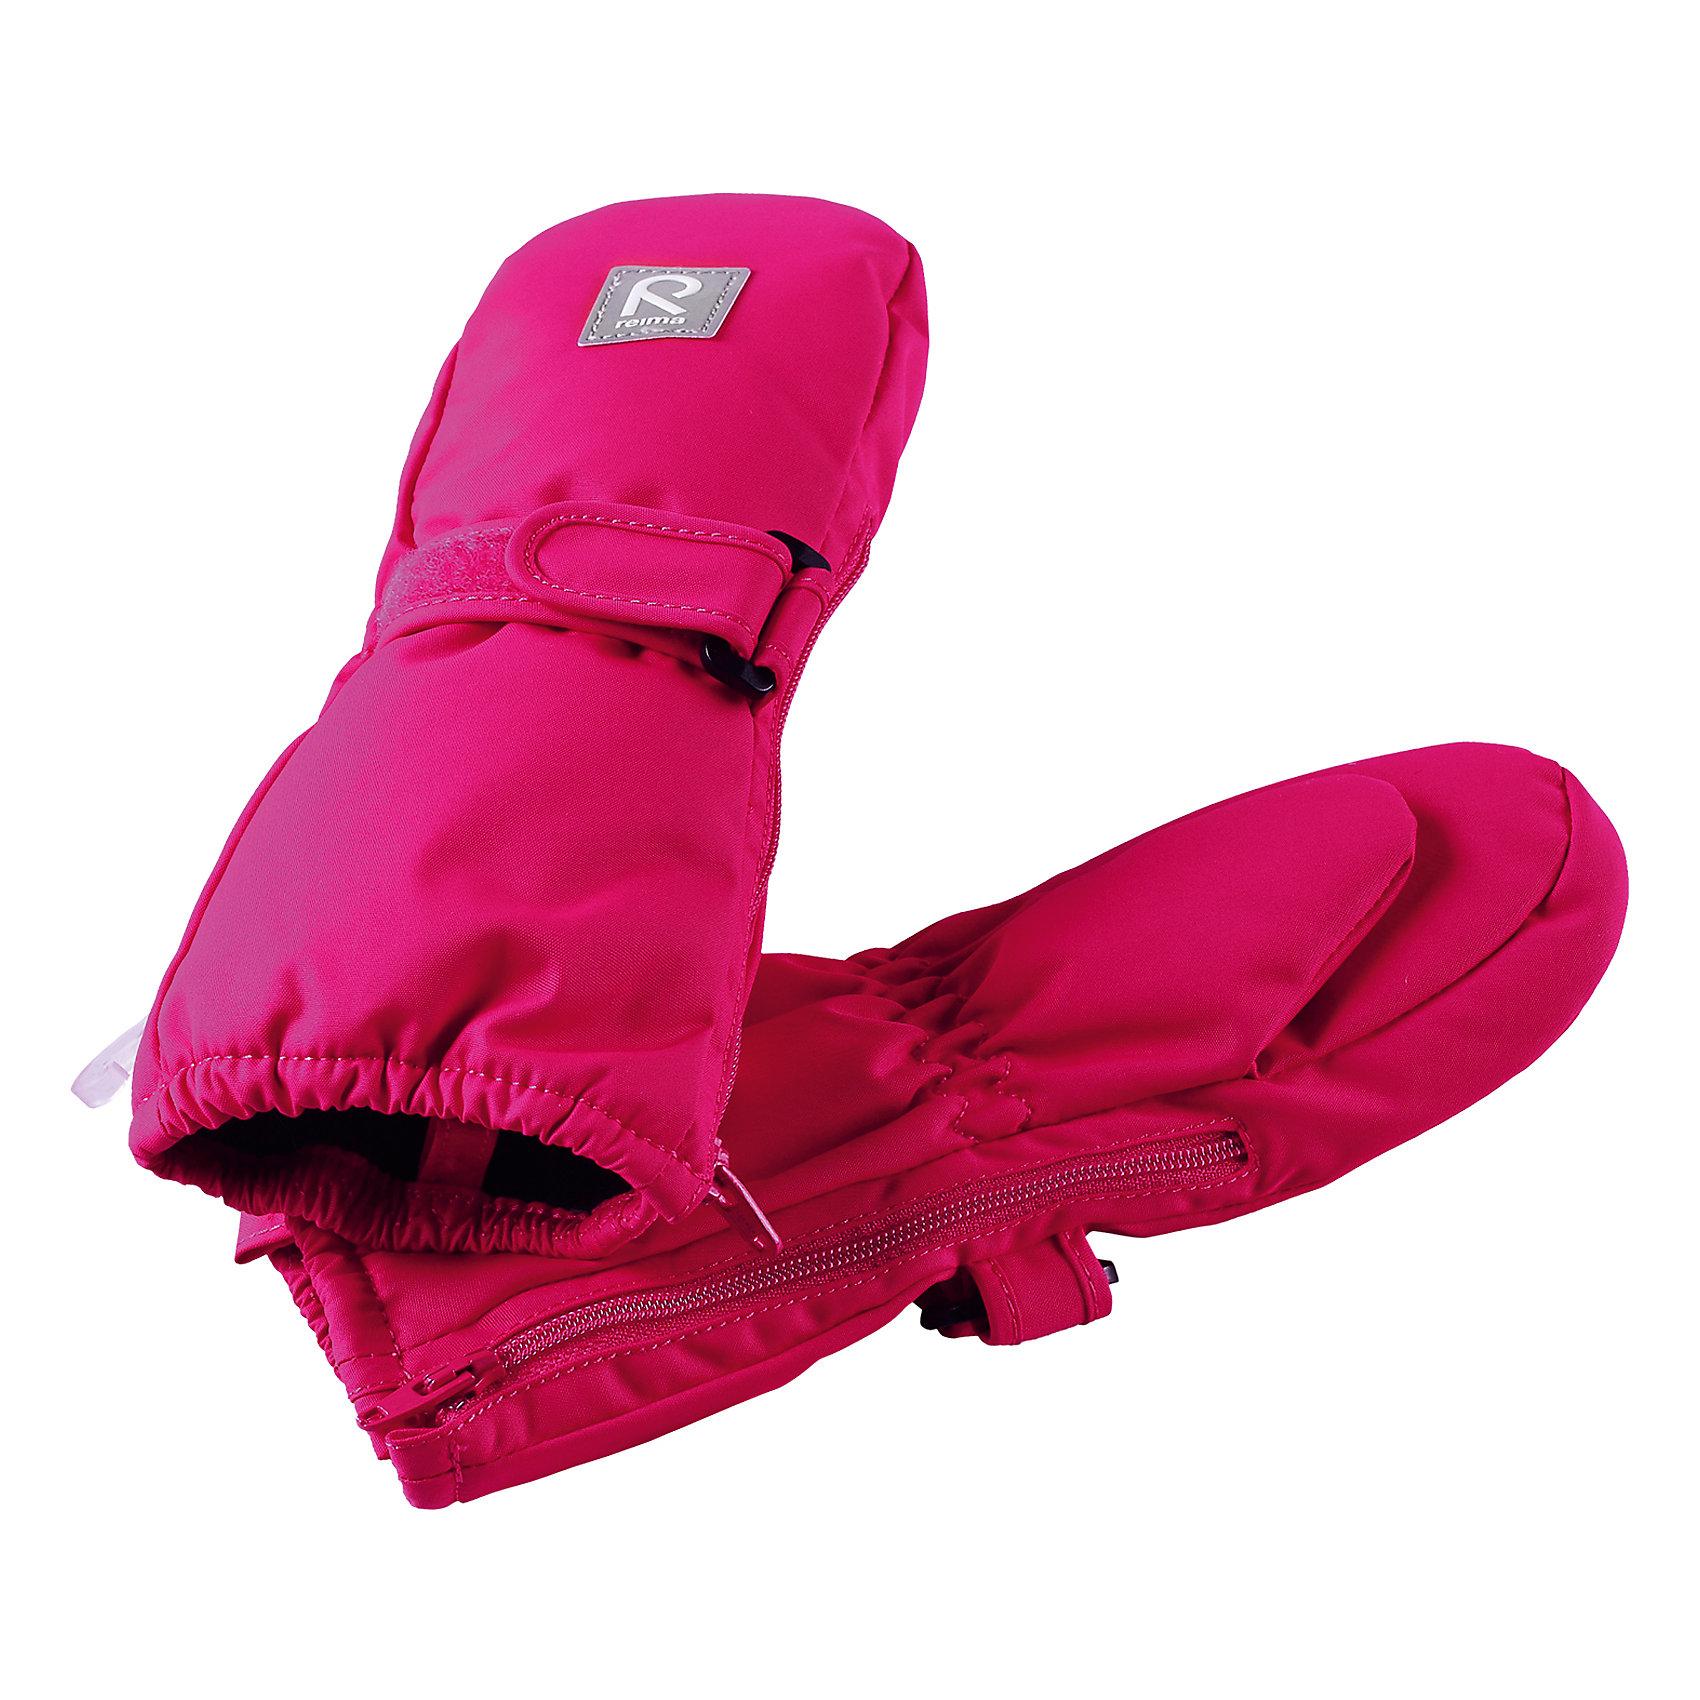 Варежки Reima TassuПерчатки, варежки<br>Характеристики товара:<br><br>• цвет: розовый;<br>• состав: 100% полиэстер;<br>• утеплитель: 170 г/м2 (comfort insulation);<br>• температурный режим: от -10 до -20С;<br>• сезон: зима; <br>• водонепроницаемость: 15000 мм;<br>• воздухопроницаемость: 7000 мм;<br>• износостойкость: 40000 (тест Мартиндейла);<br>• особенности модели: на молнии, на липучке;<br>• застежка: молния и липучка-утяжка;<br>• водонепроницаемый прочный материал;<br>• ветронепроницаемый и грязеотталкивающий материал;<br>• подкладка из полиэстера с небольшим начесом;<br>• обратите внимание, что из-за молнии изделие не является полностью водонепроницаемым;<br>• логотип Reima;<br>• страна бренда: Финляндия;<br>• страна изготовитель: Китай.<br><br>Зимние варежки на молнии отлично подойдут для сухой морозной зимней поры. Благодаря молнии, эти варежки легко надеть на ручки, а мягкая трикотажная подкладка из полиэстера очень приятна на ощупь. Варежки имеют липучку, с помощью которой можно регулировать обхват. Варежки очень просты в уходе – их можно сушить в сушильной машине, так что сразу после стирки они будут снова готовы к веселым снежным приключениям.<br><br>Варежки Tassu Reima от финского бренда Reima (Рейма) можно купить в нашем интернет-магазине.<br><br>Ширина мм: 162<br>Глубина мм: 171<br>Высота мм: 55<br>Вес г: 119<br>Цвет: розовый<br>Возраст от месяцев: 12<br>Возраст до месяцев: 24<br>Пол: Унисекс<br>Возраст: Детский<br>Размер: 2,0,1<br>SKU: 6908694